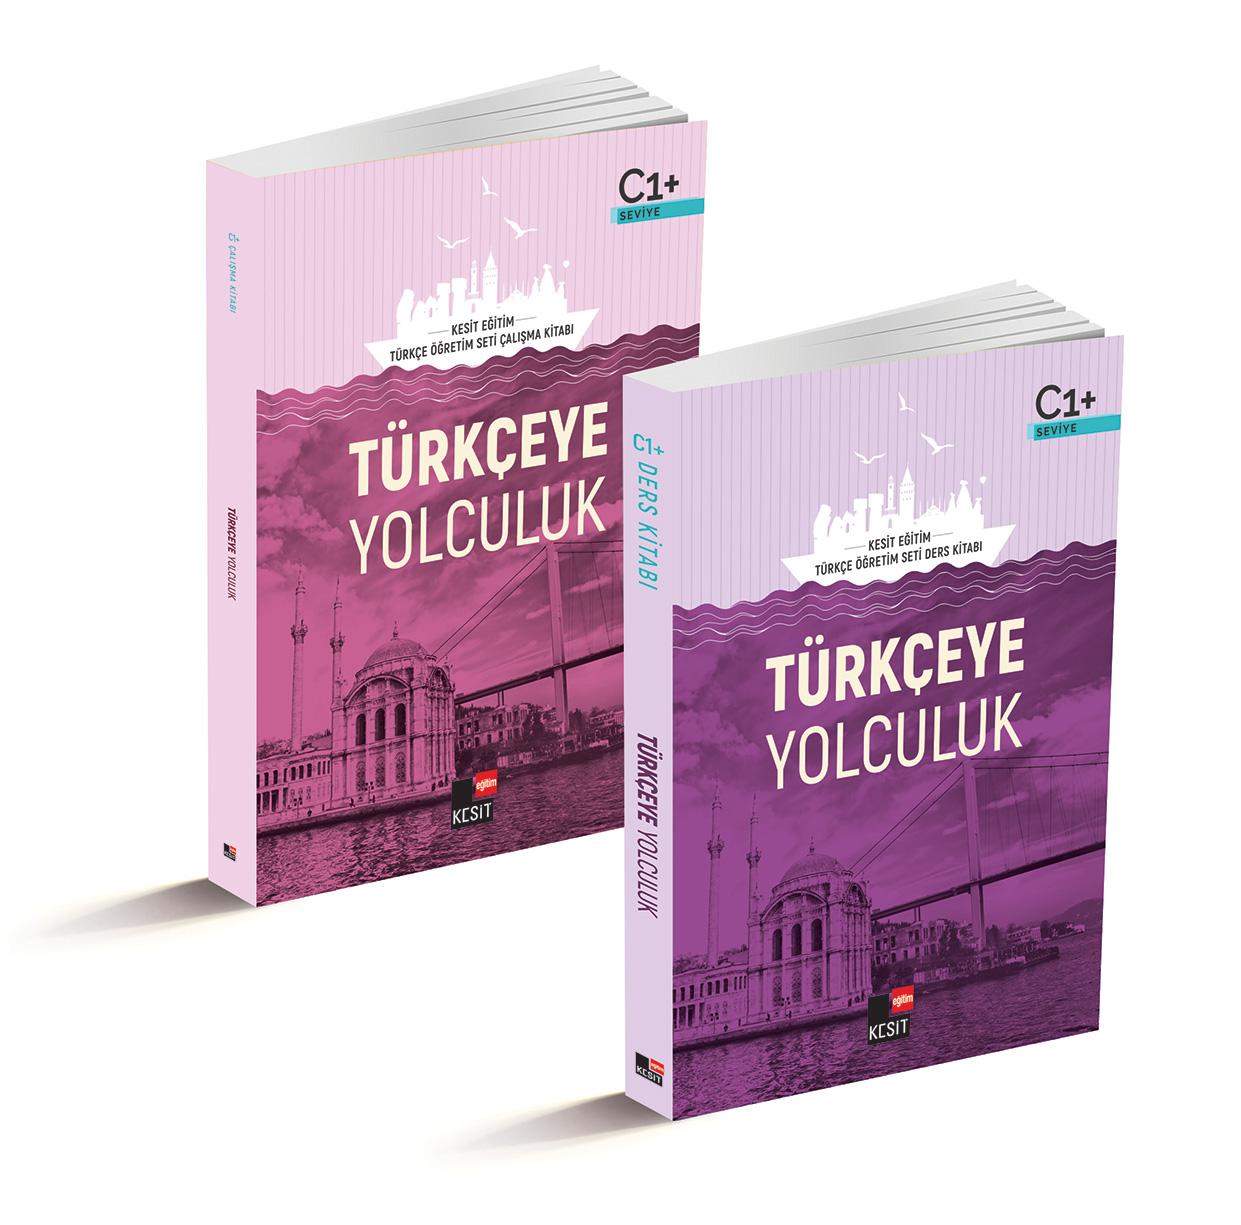 Türkçeye Yolculuk; C1 Ders Kitabı / C1 Çalışma Kitabı